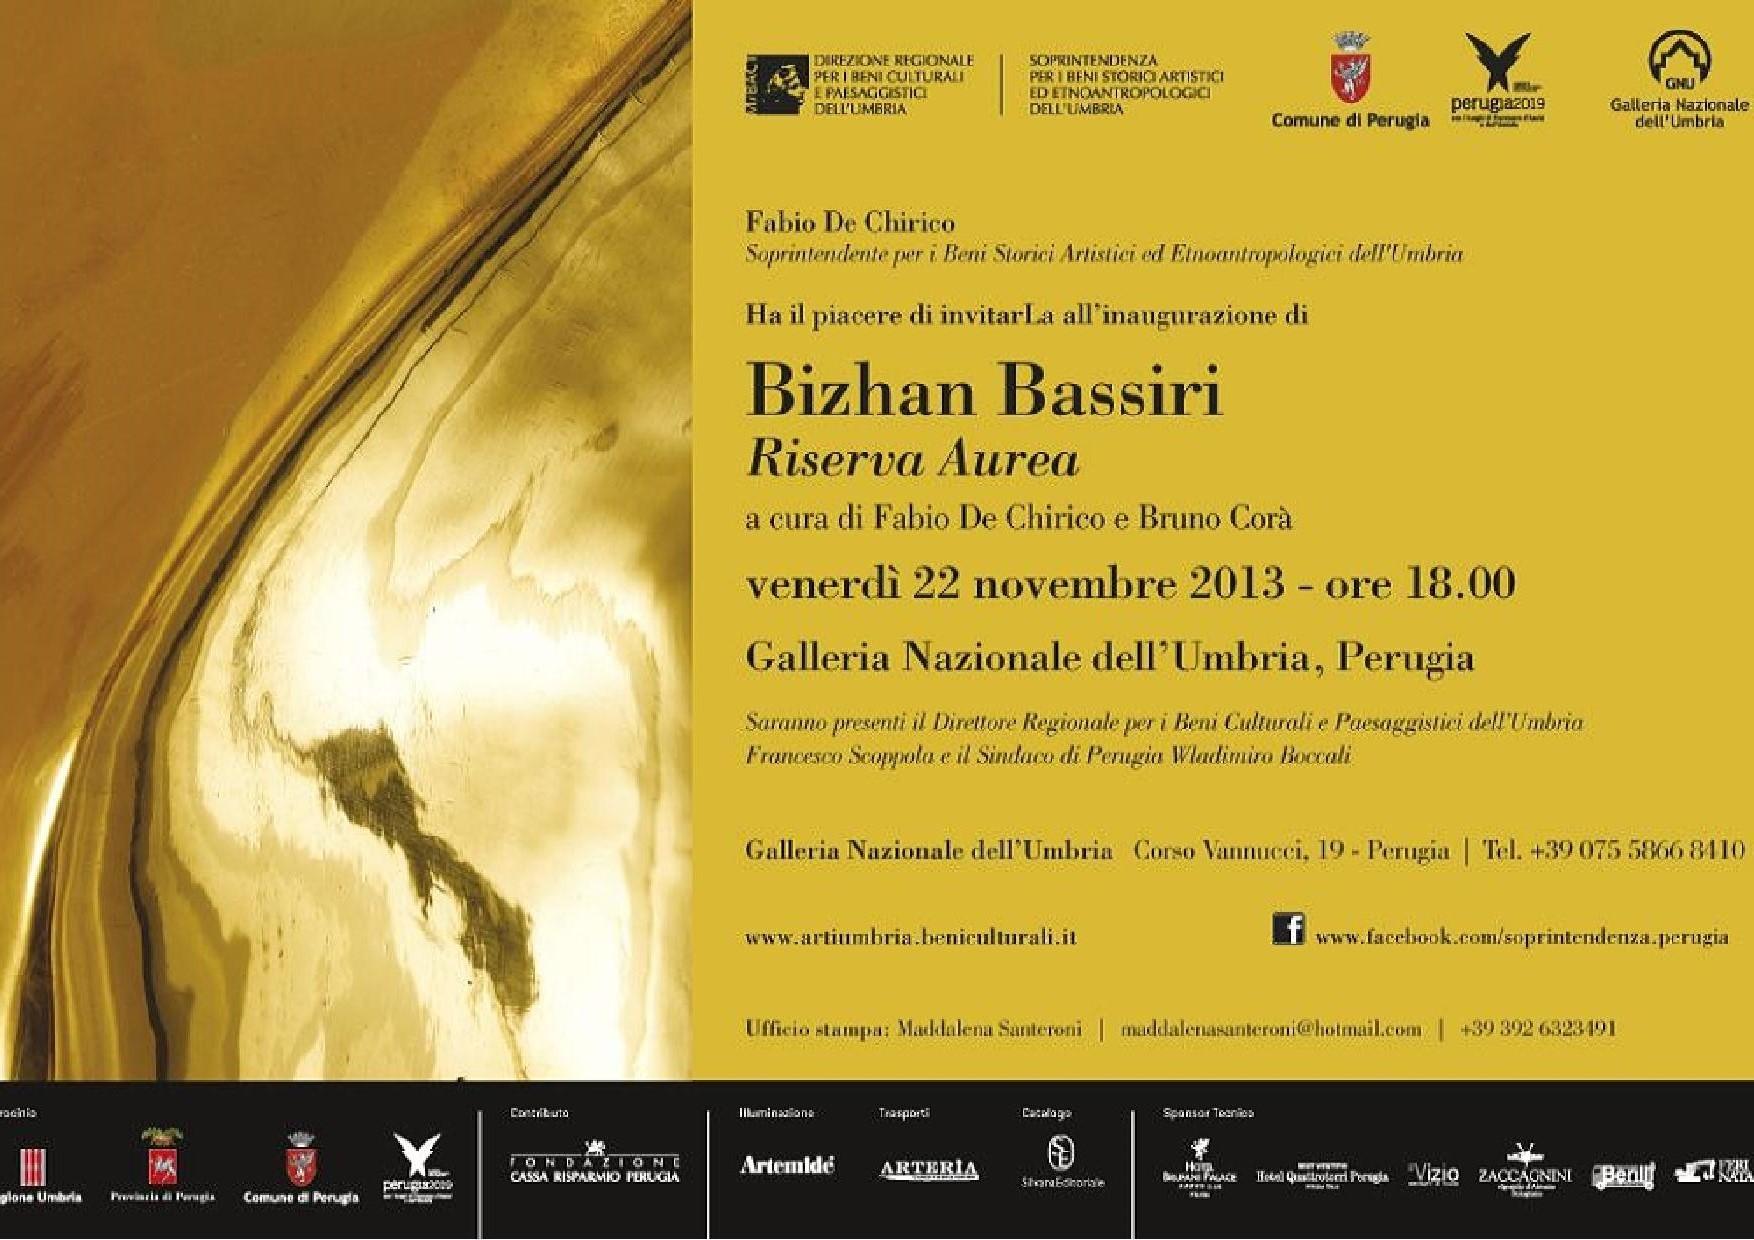 Bizhan Bassiri Riserva Aurea